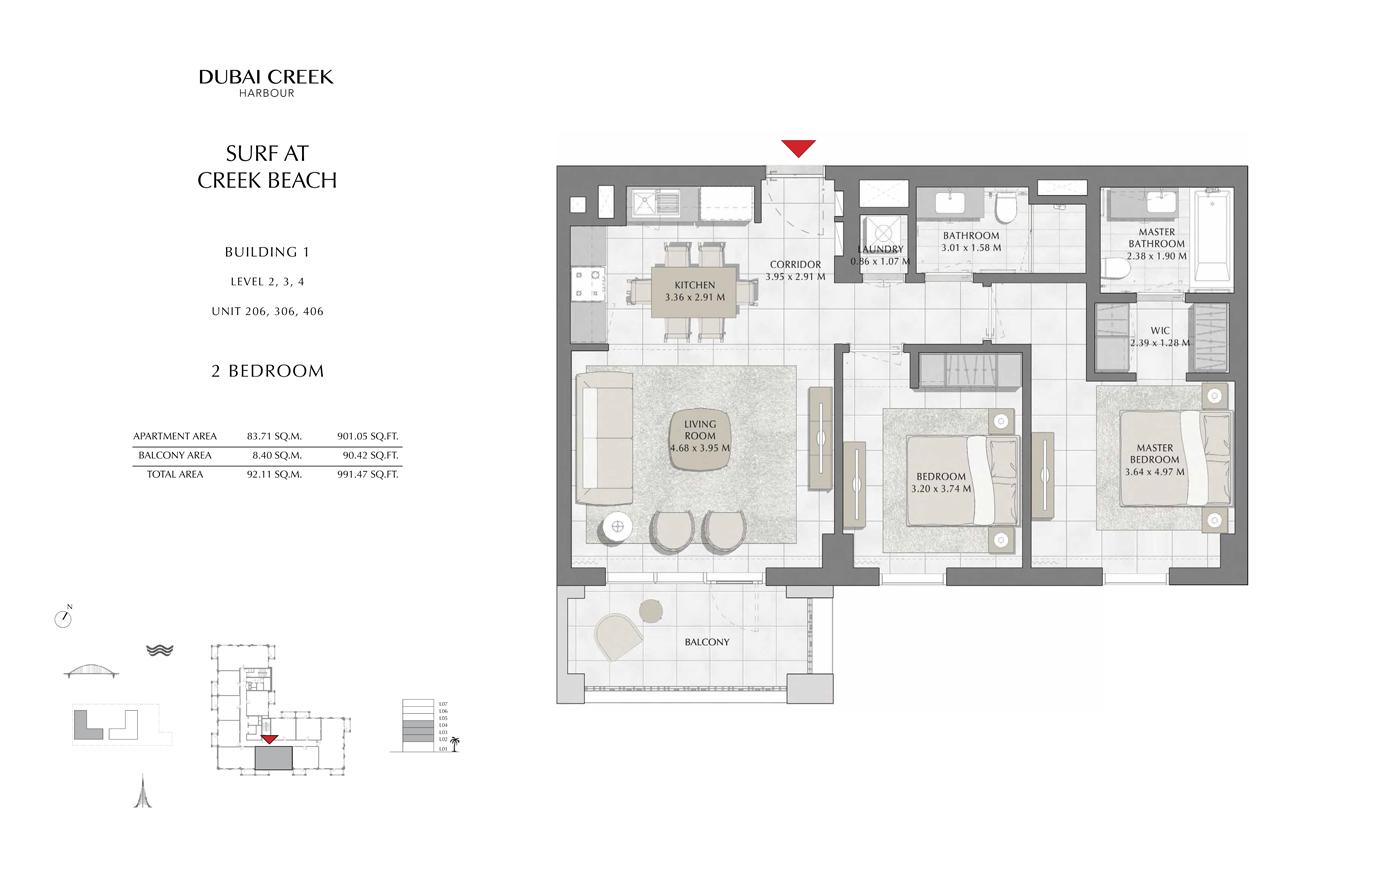 Building 1 - 2 Bedroom